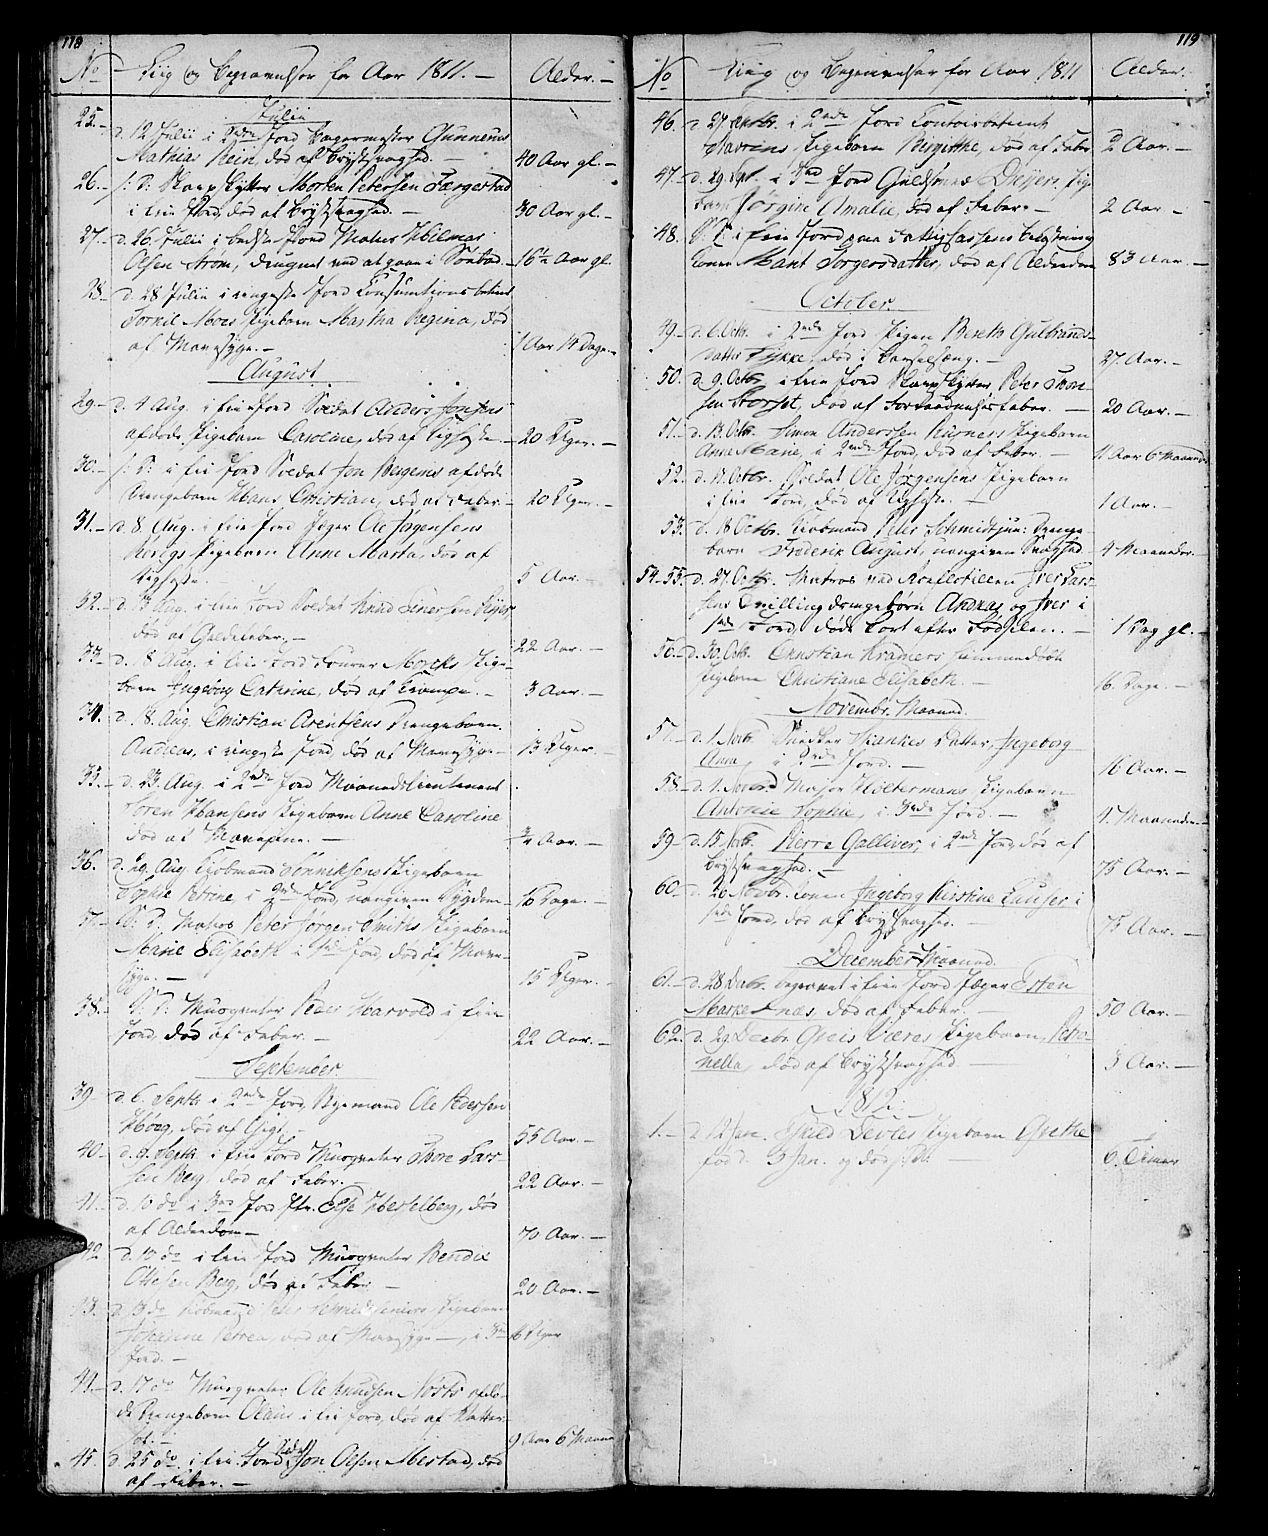 SAT, Ministerialprotokoller, klokkerbøker og fødselsregistre - Sør-Trøndelag, 602/L0134: Klokkerbok nr. 602C02, 1759-1812, s. 118-119